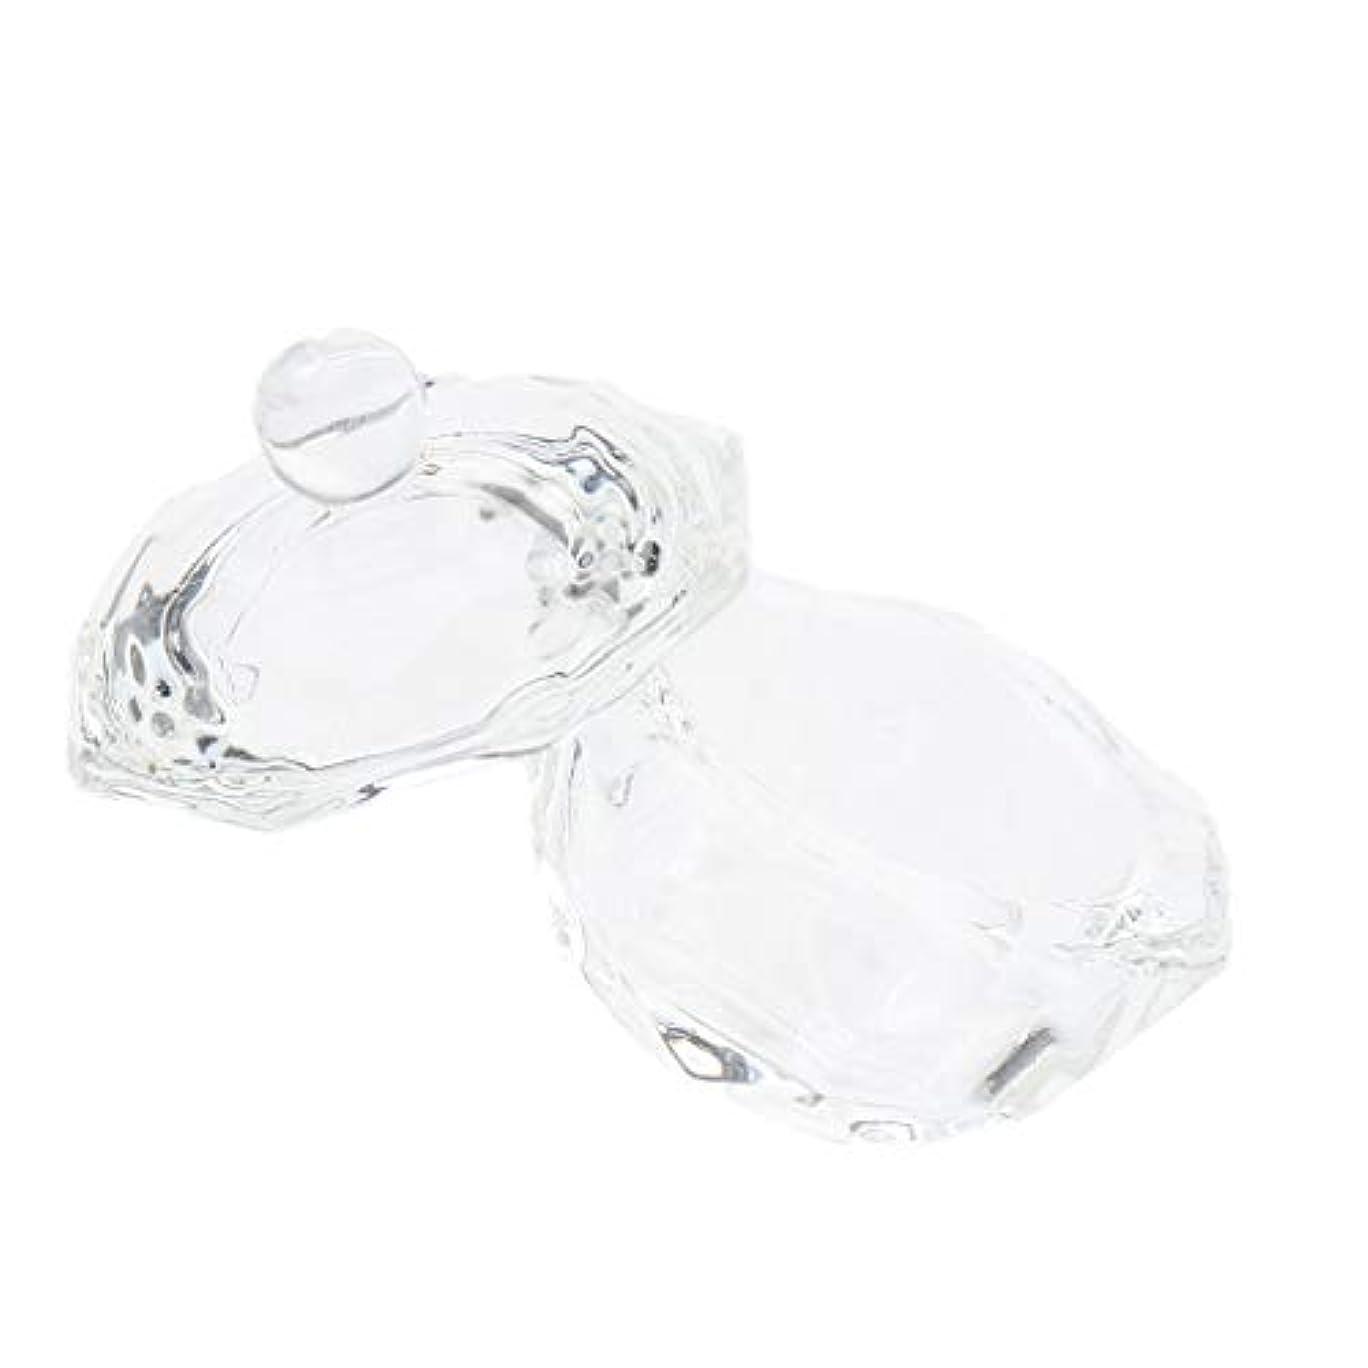 通知漫画三番DYNWAVE ネイルガラス皿 ネイルアートクリスタルカップ グラスカップ ミキシングカップ ネイルアート用品ツール